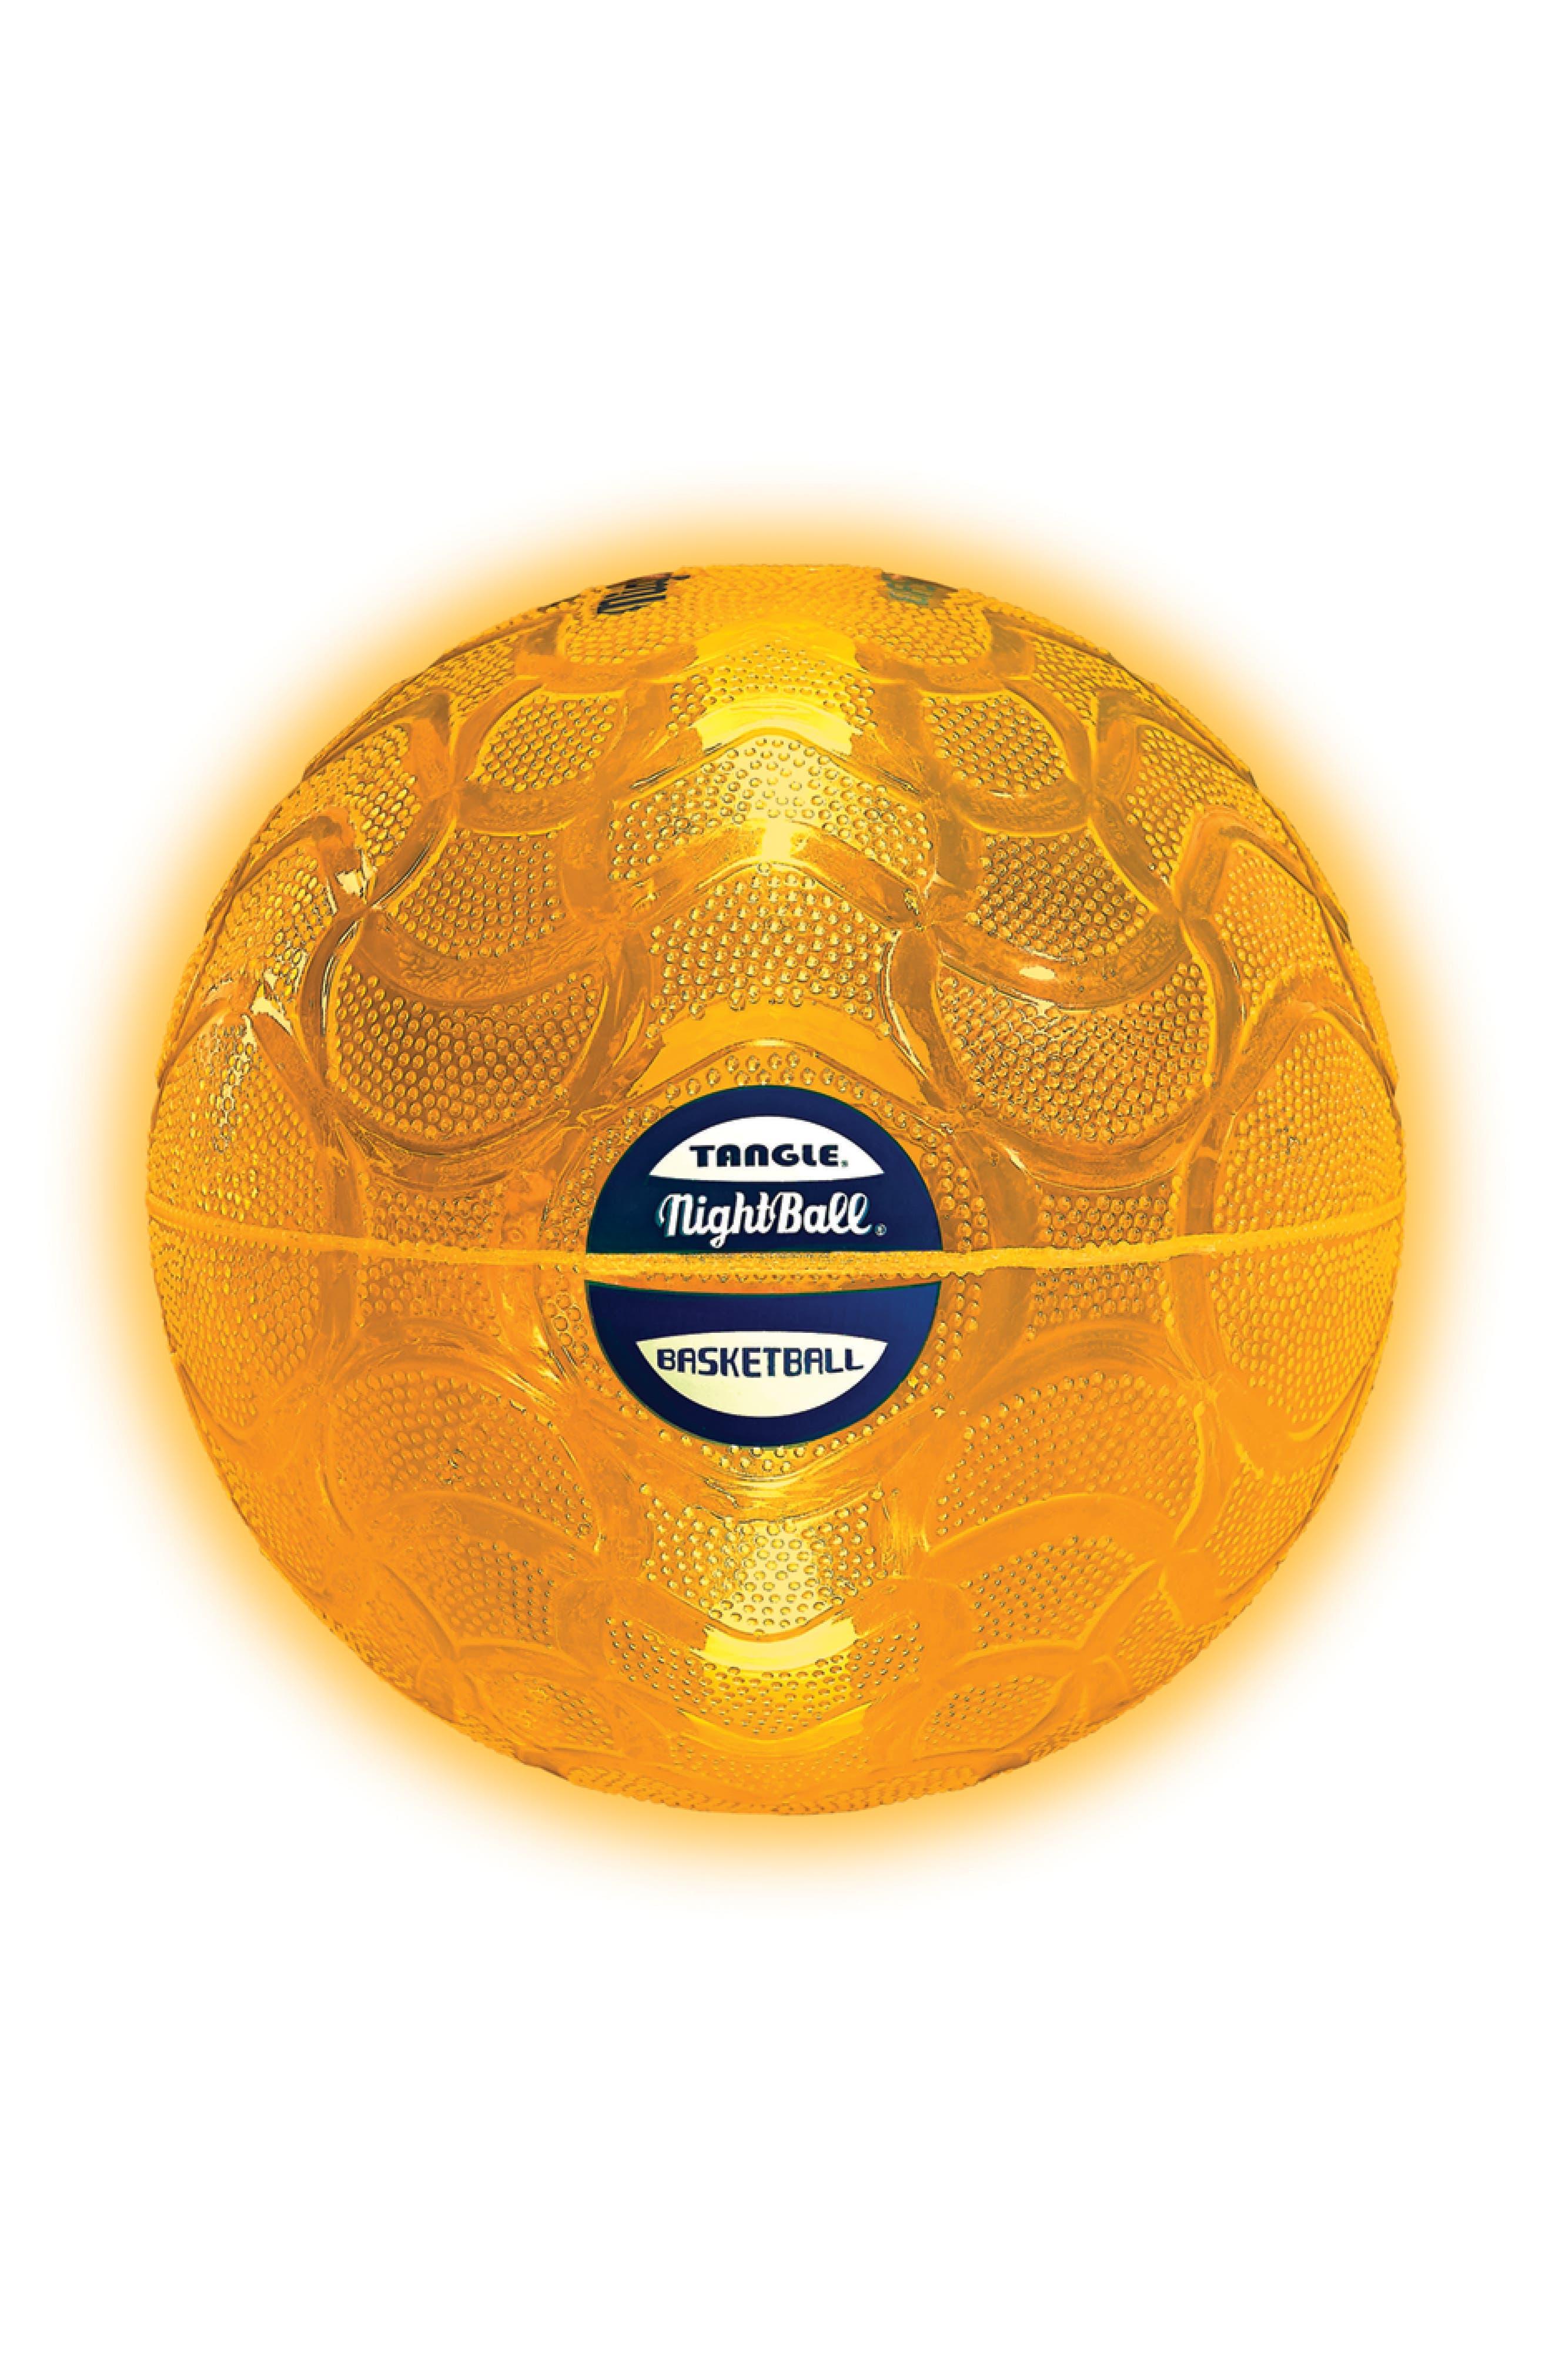 NightBall Basketball,                             Main thumbnail 1, color,                             800